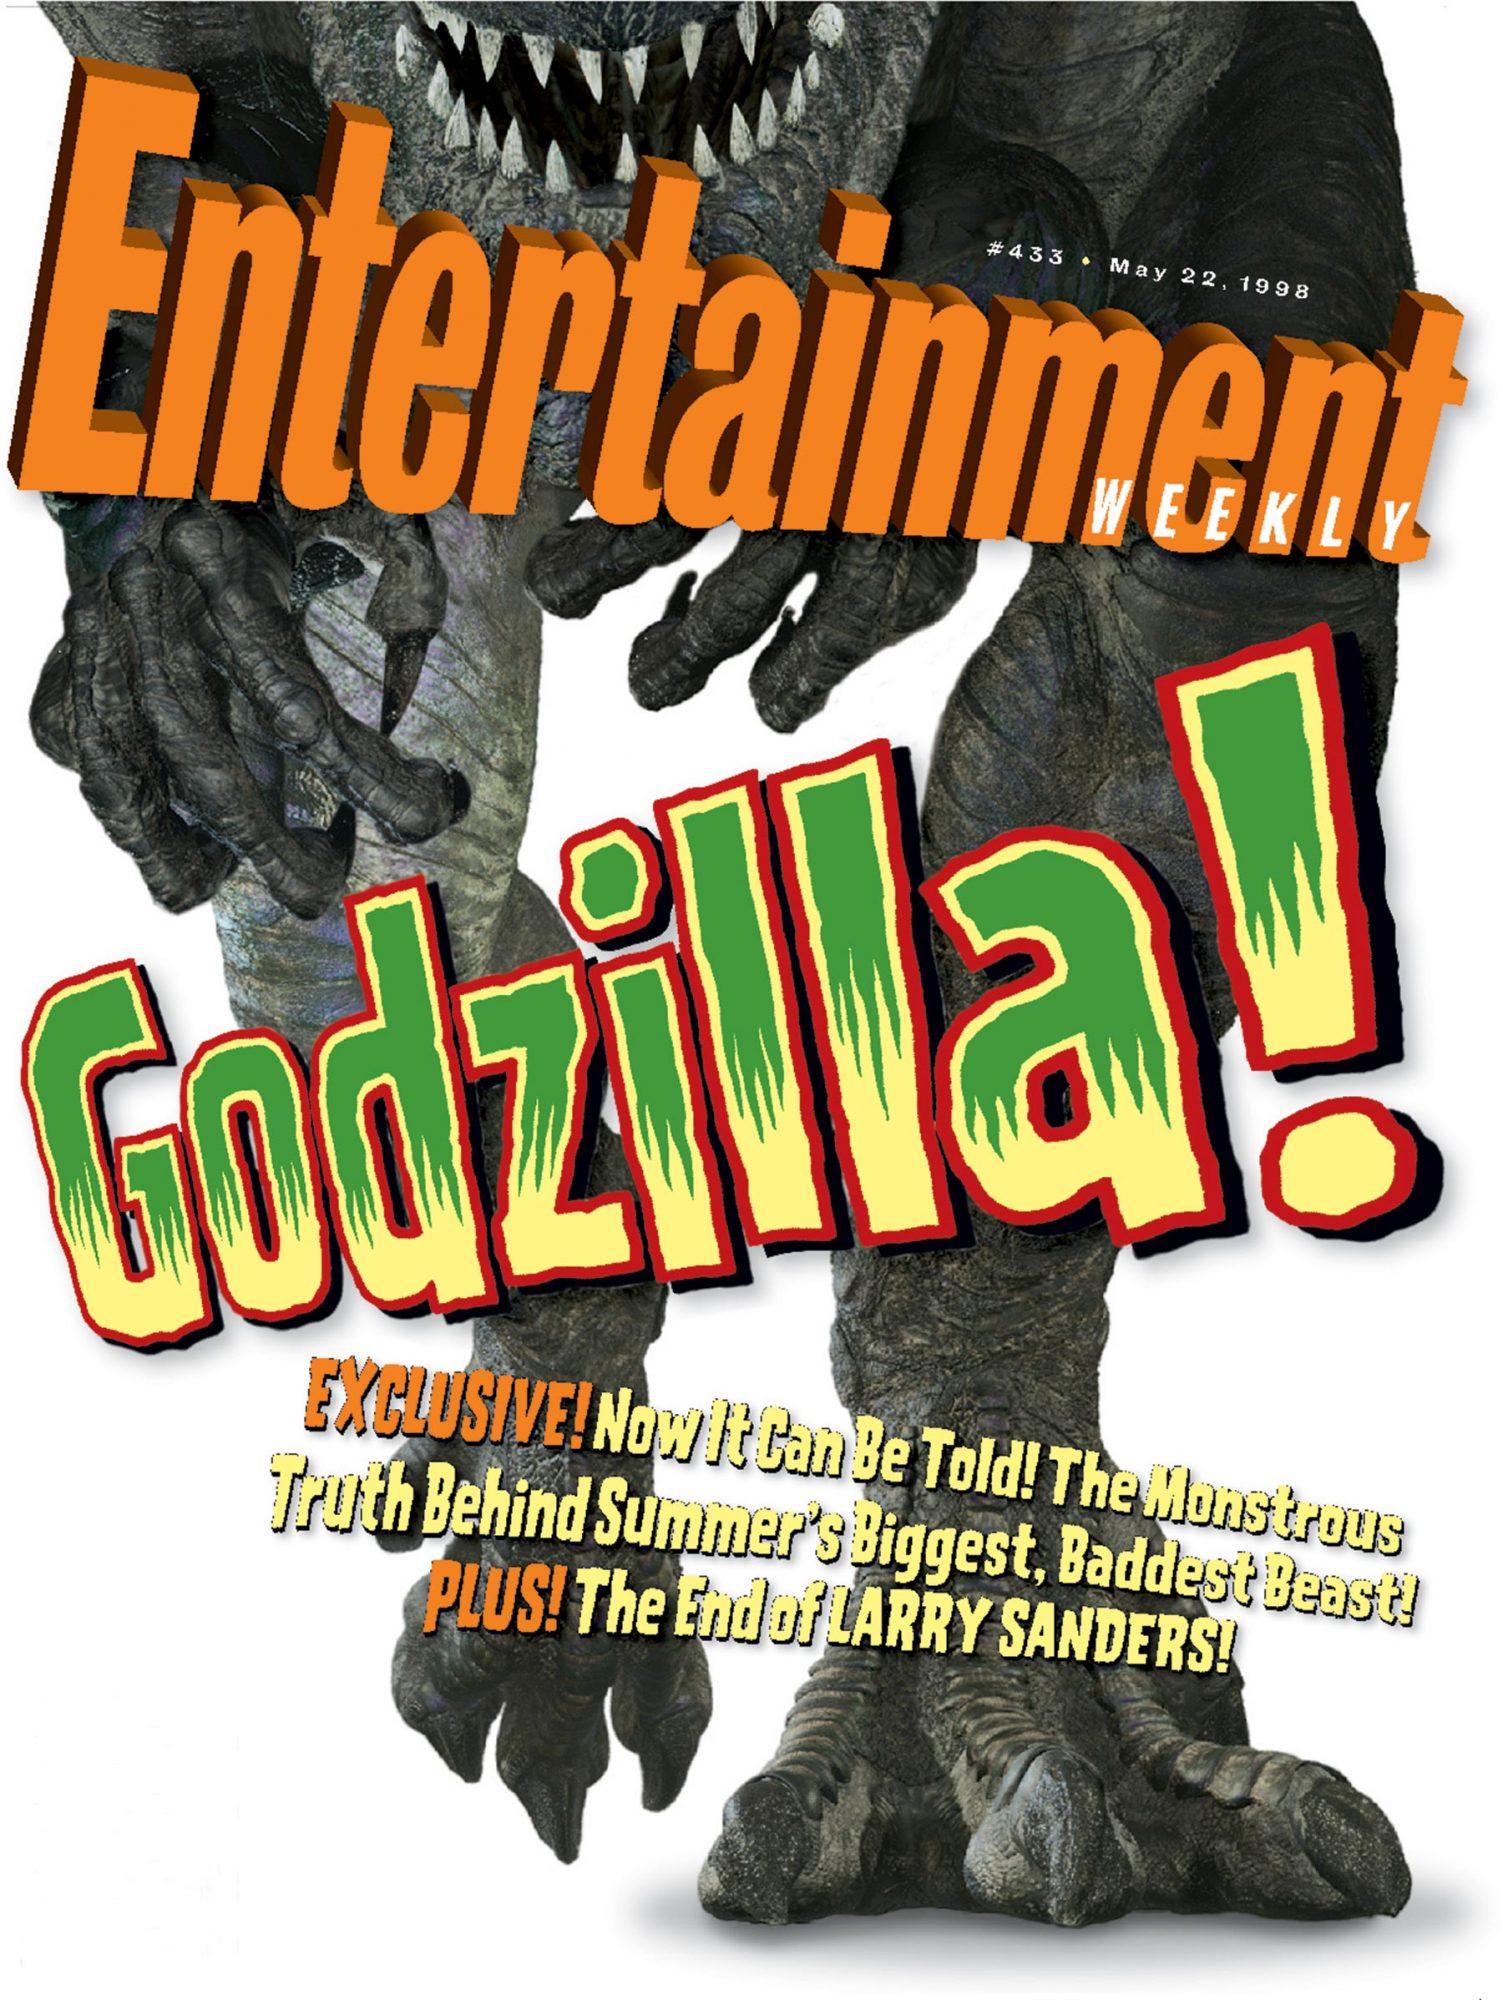 EW Cover 433 Godzilla 1998